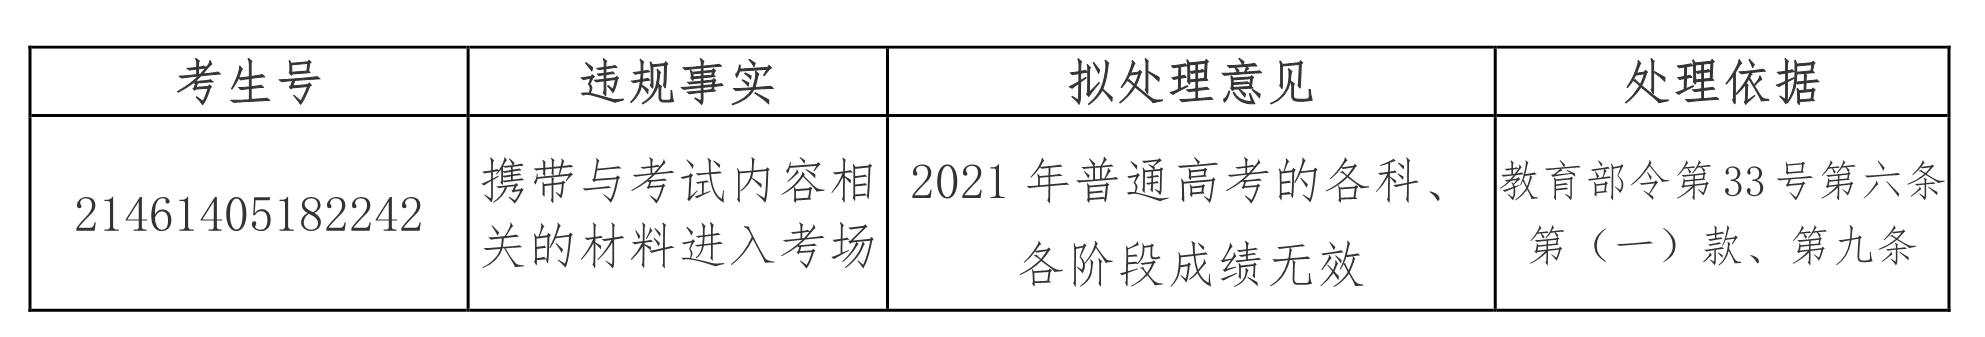 2021年海南运动训练、武术与民族传统体育文化课考试违规考生的处理公告